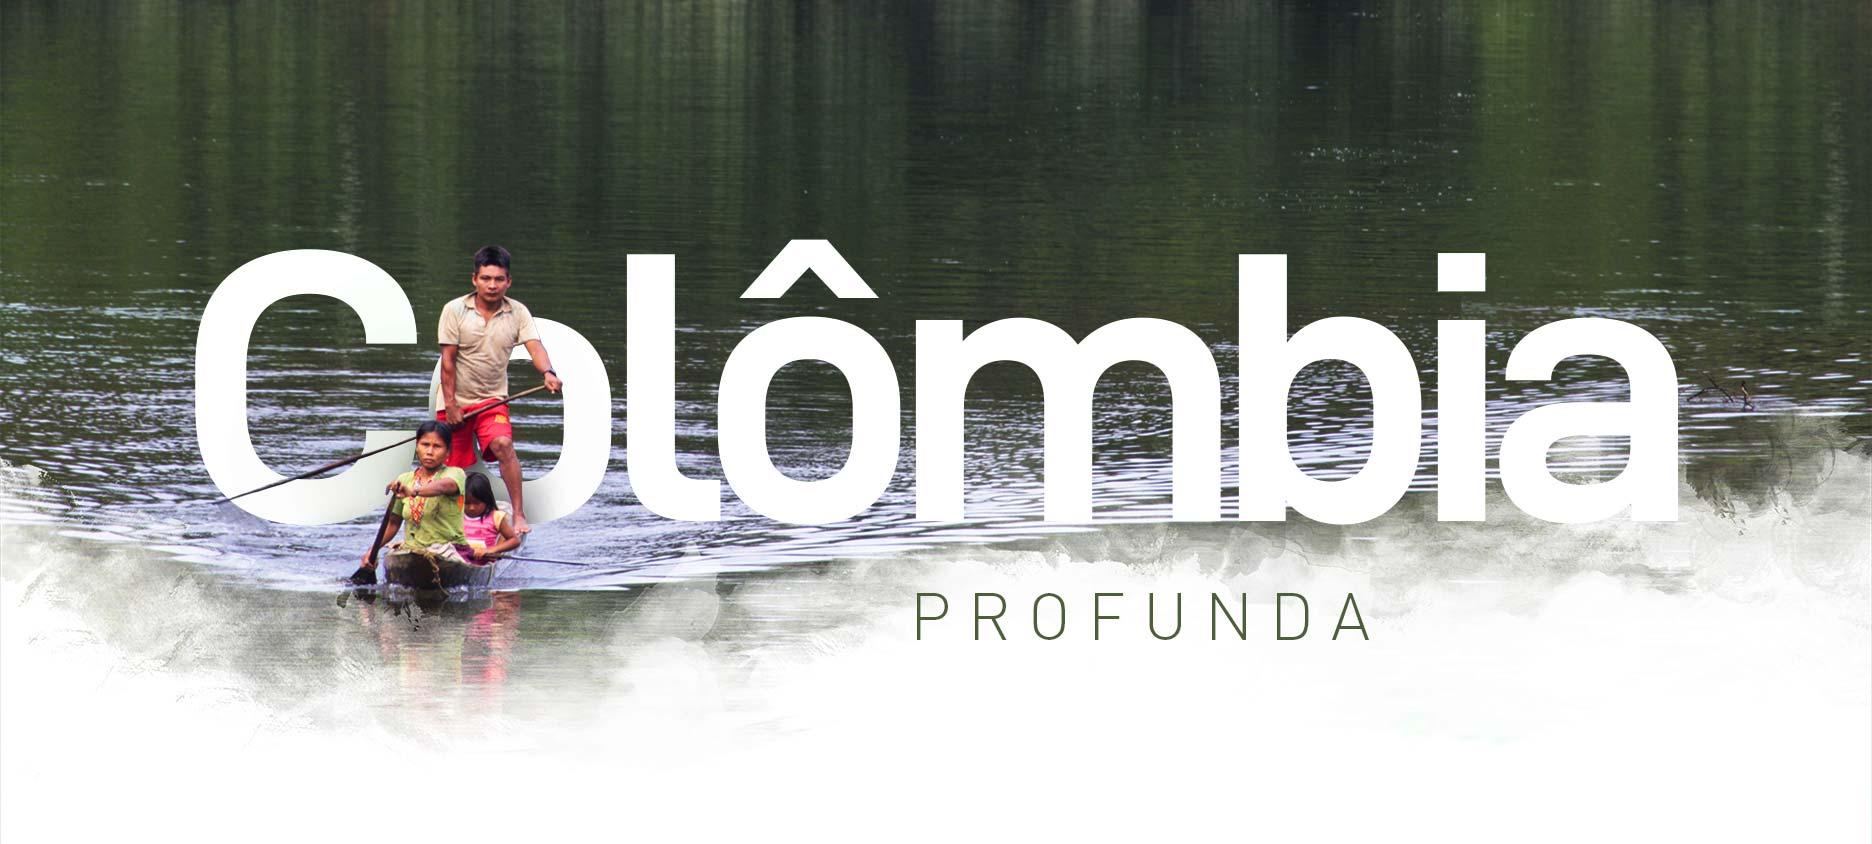 ESPECIAL | Colômbia Profunda: povos e territórios em resistência